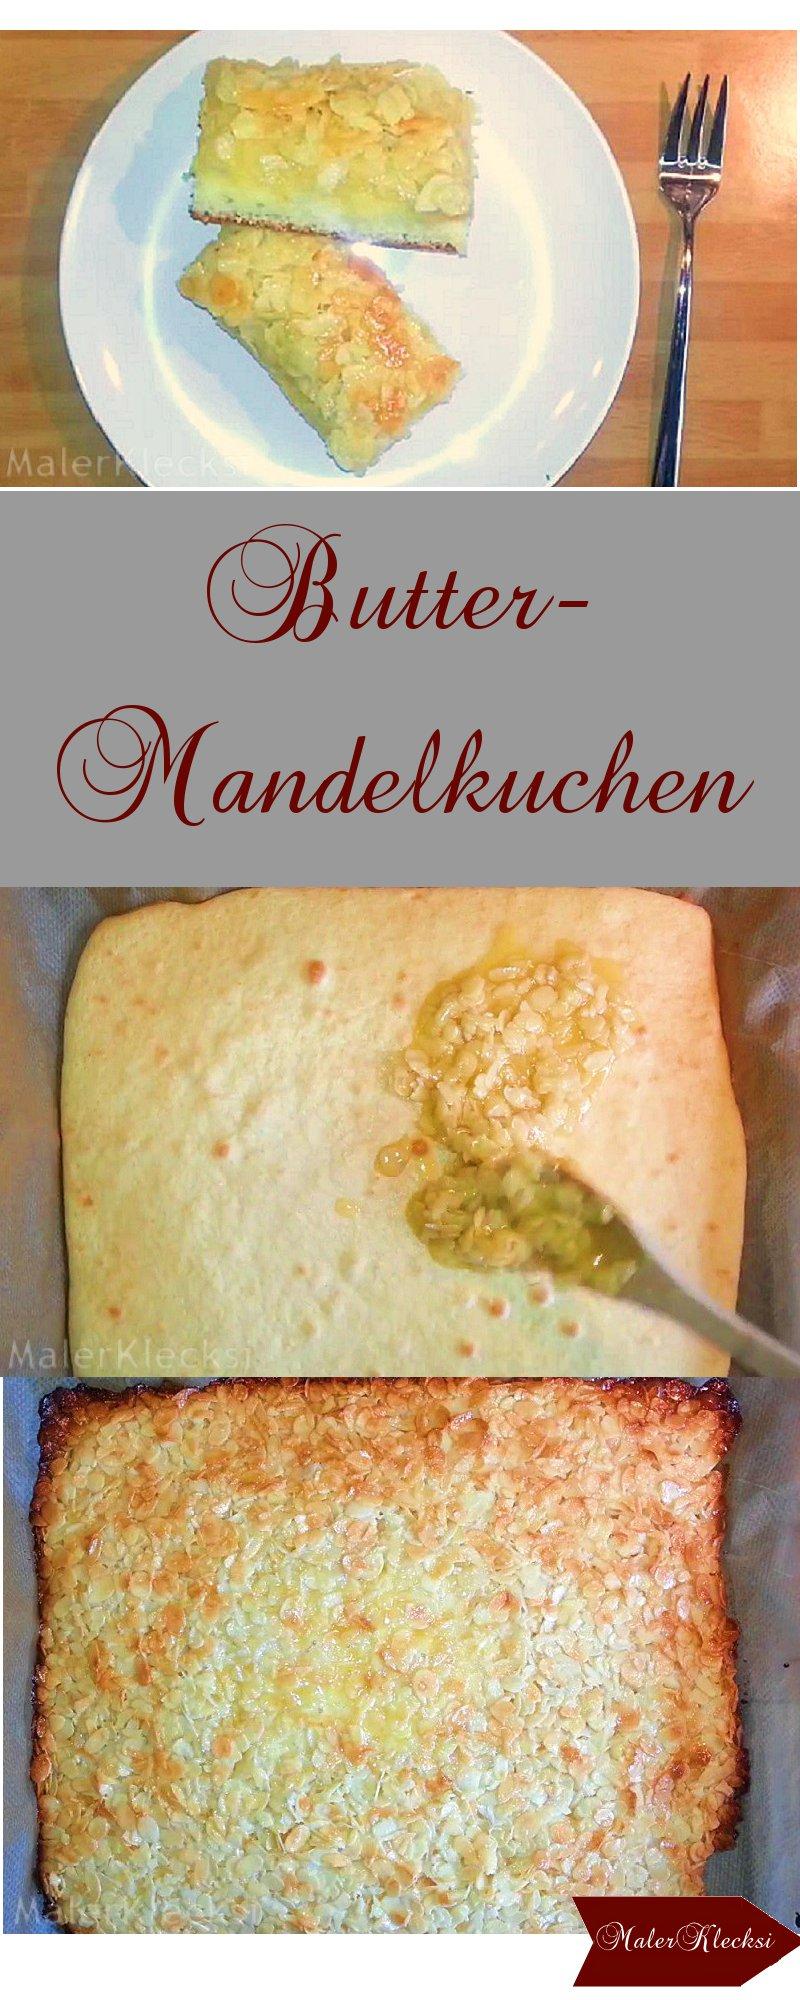 Butter-Mandel-Kuchen